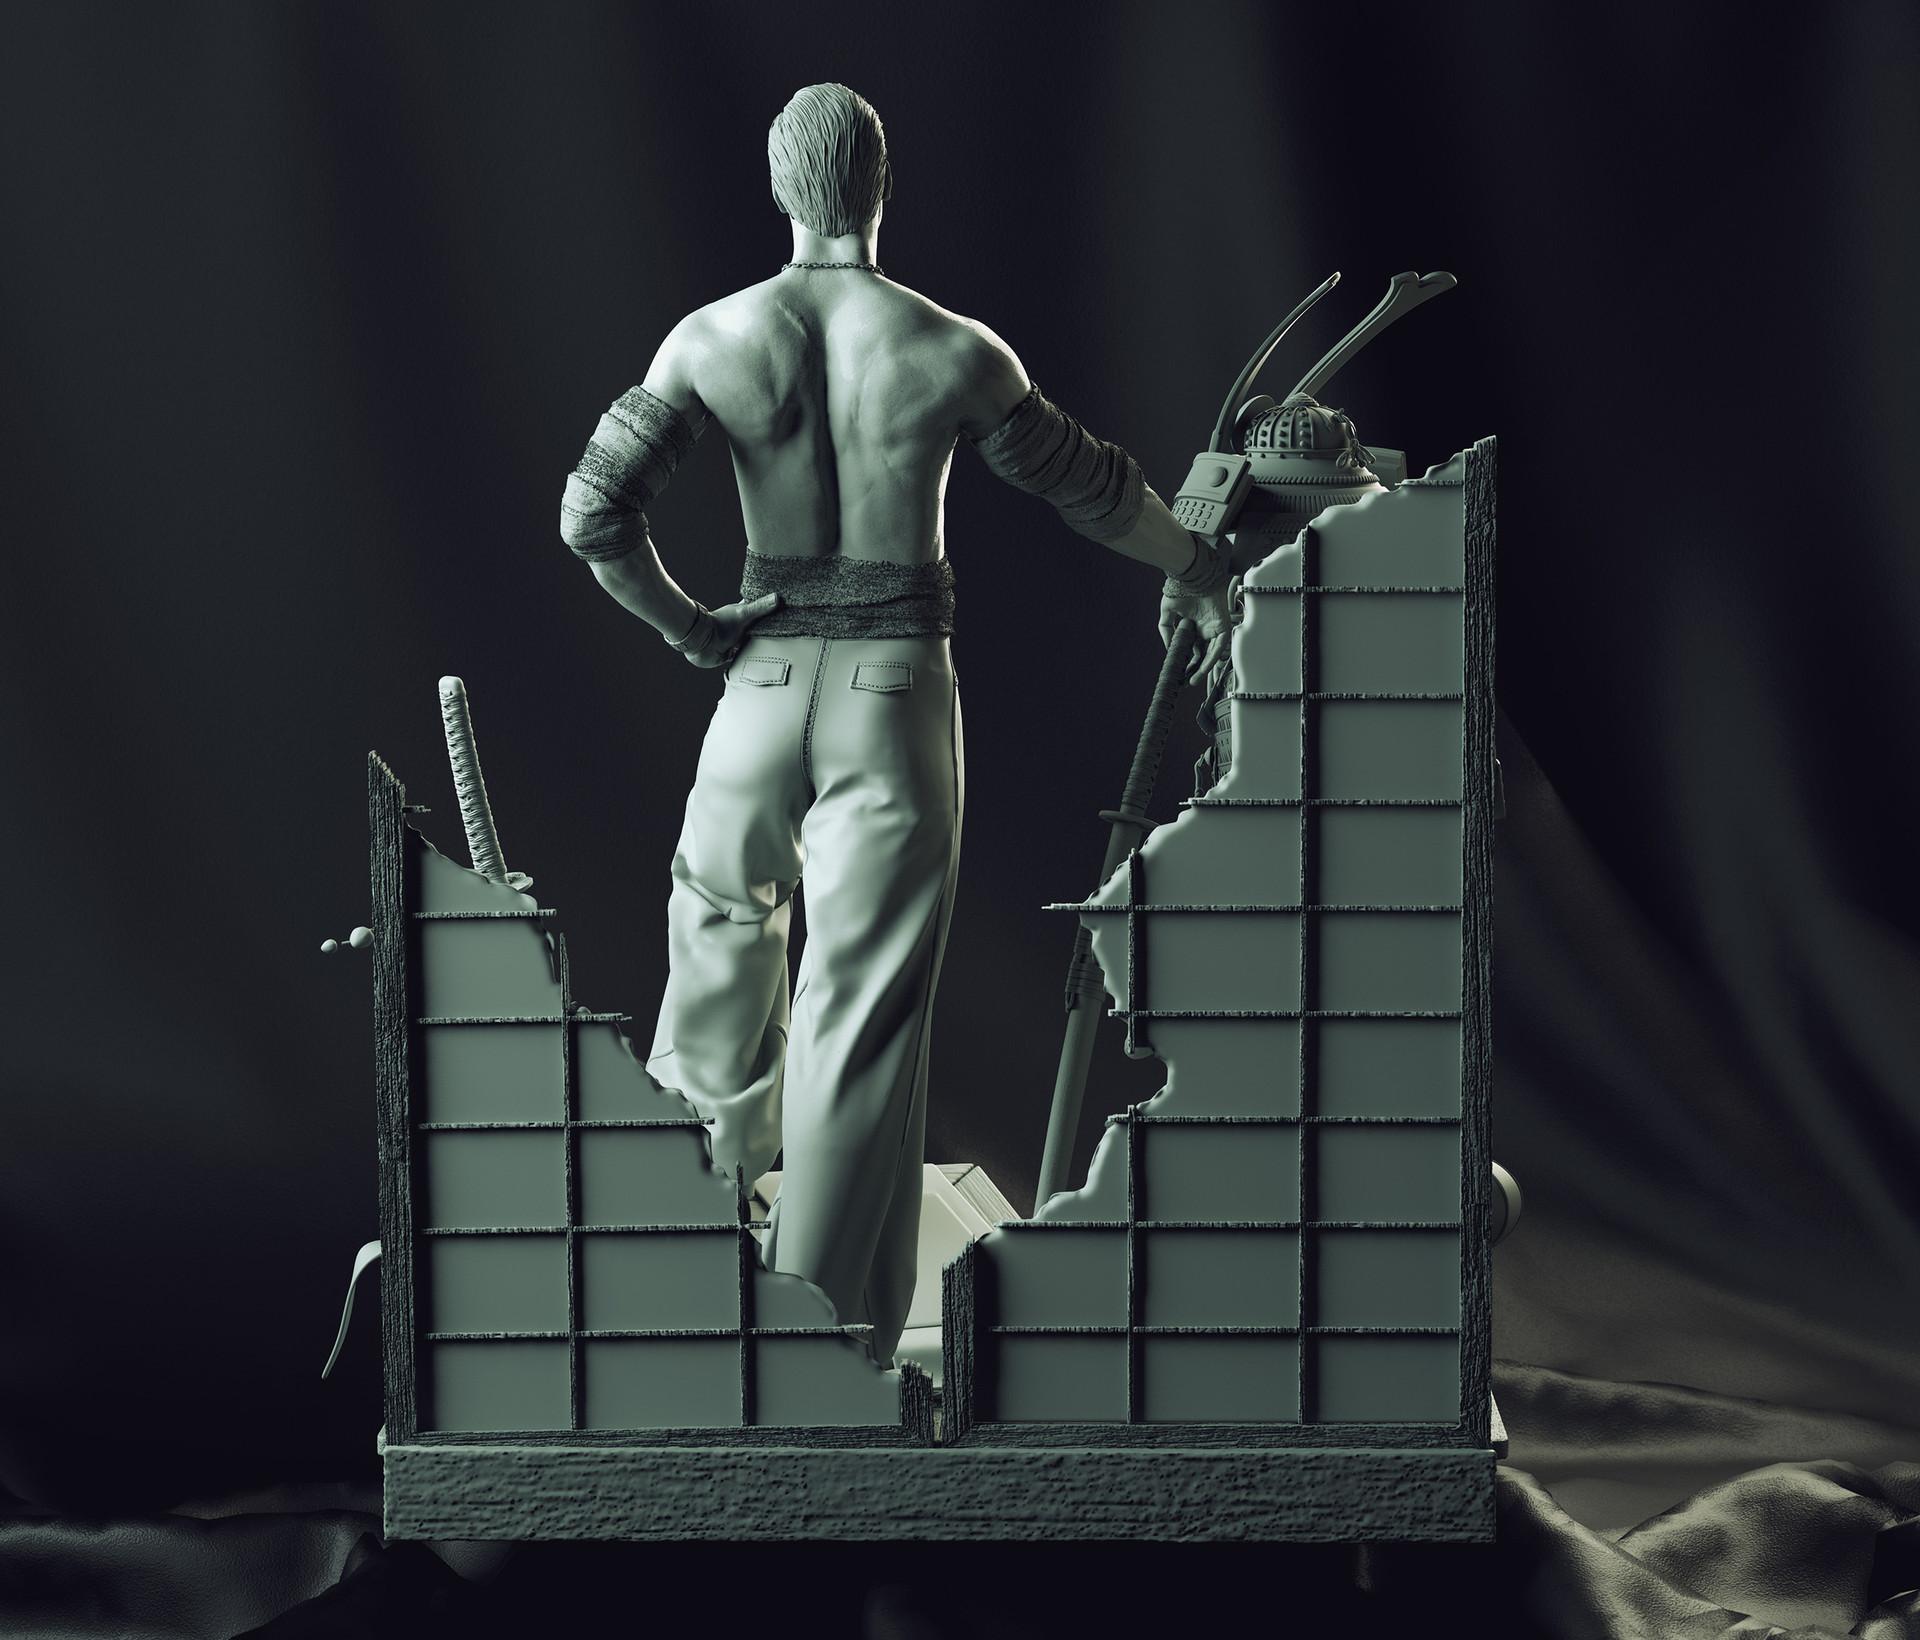 Victor hugo sousa jokerfinal clay06